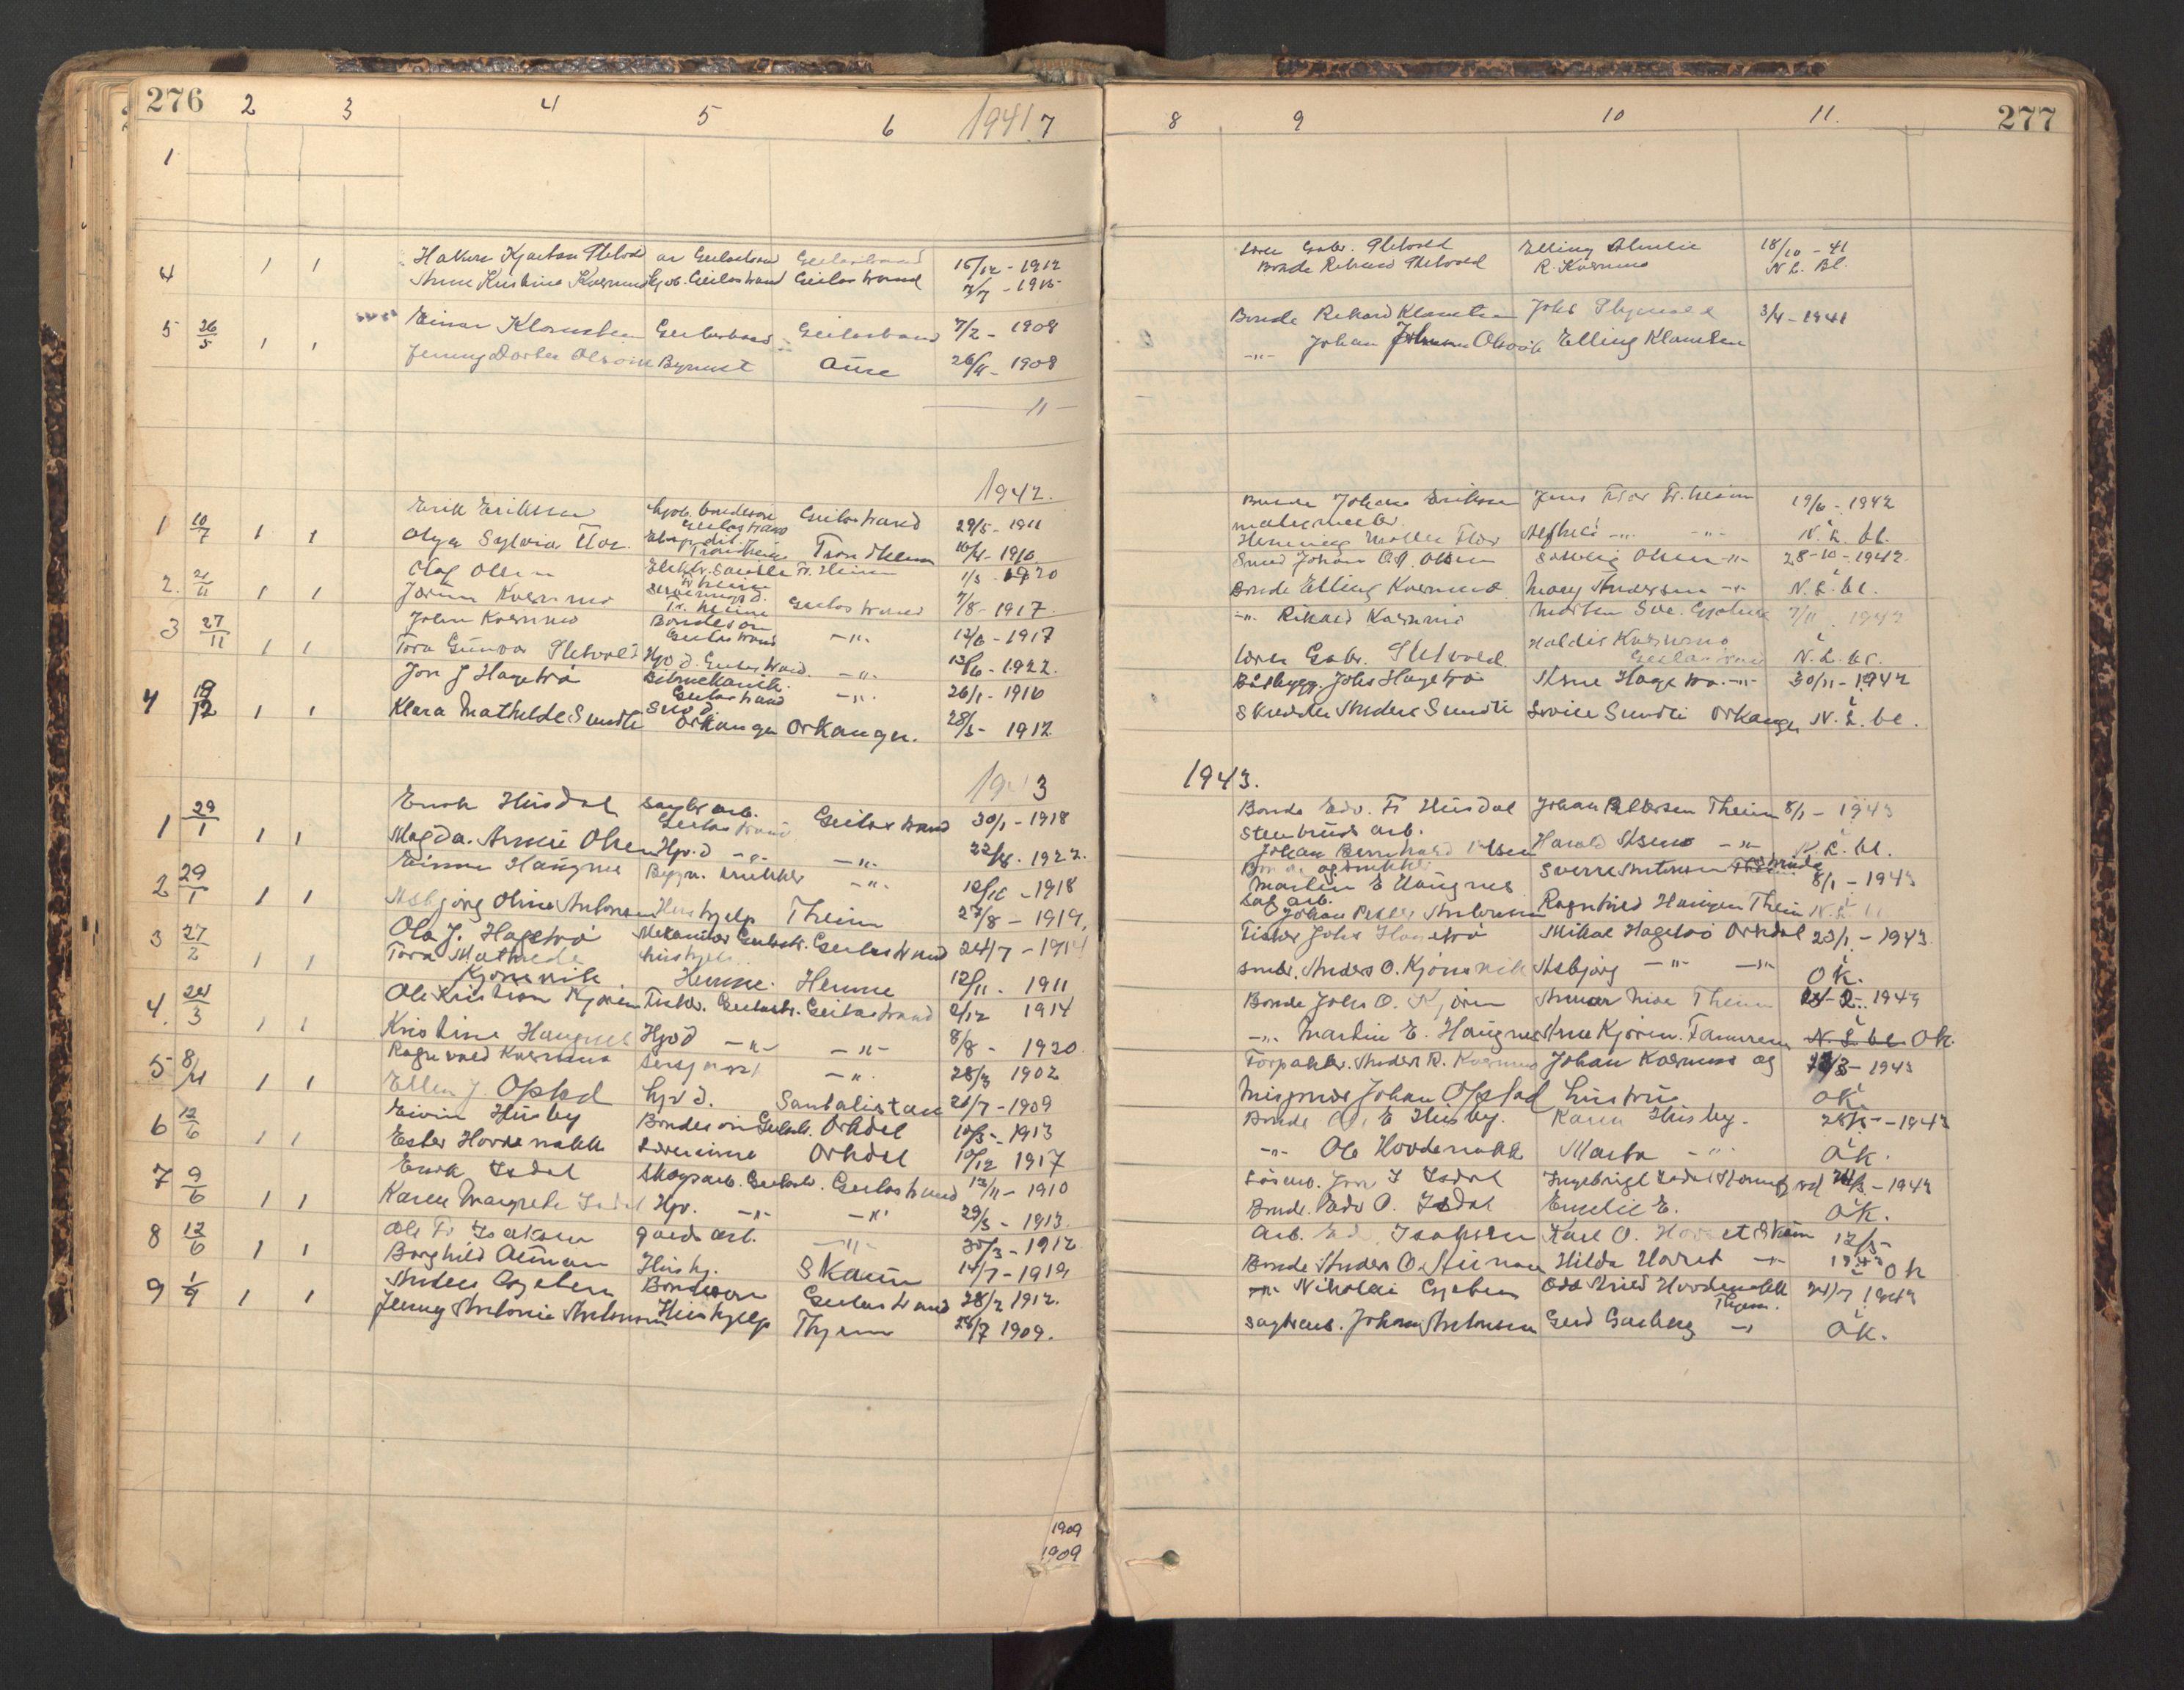 SAT, Ministerialprotokoller, klokkerbøker og fødselsregistre - Sør-Trøndelag, 670/L0837: Klokkerbok nr. 670C01, 1905-1946, s. 276-277